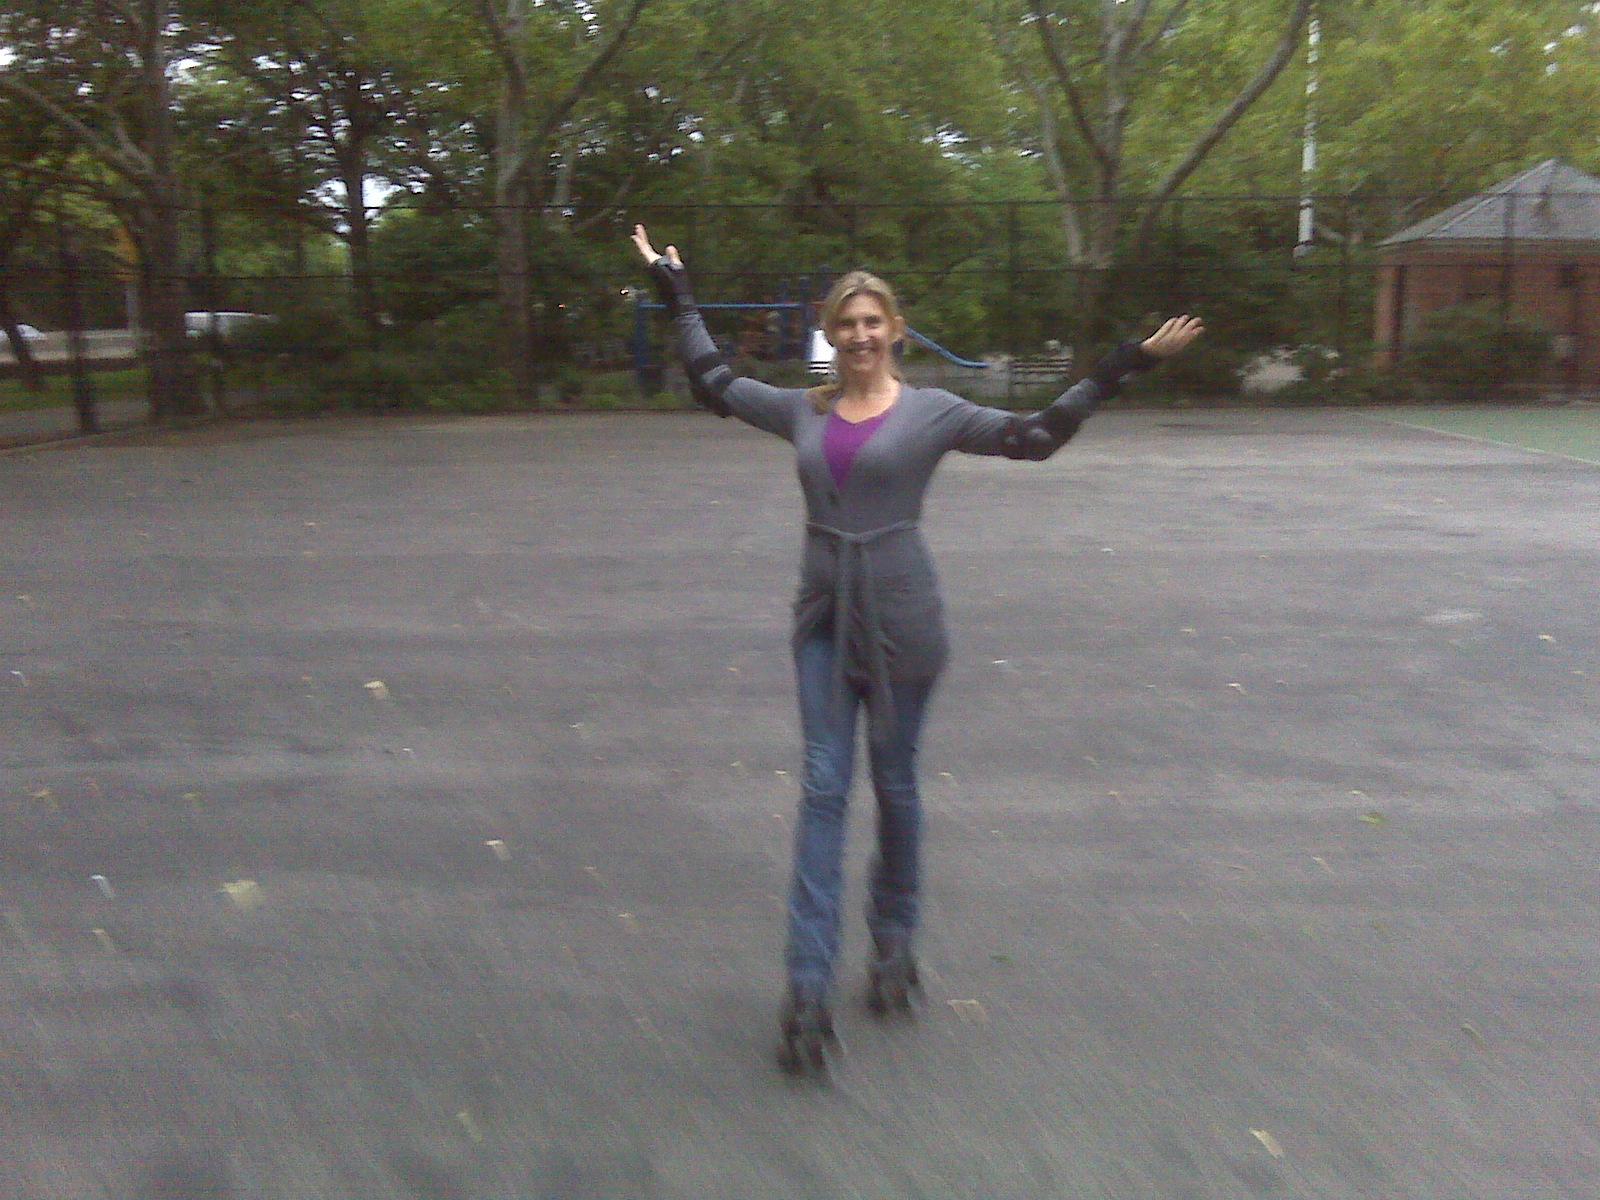 Skate Dance in Park